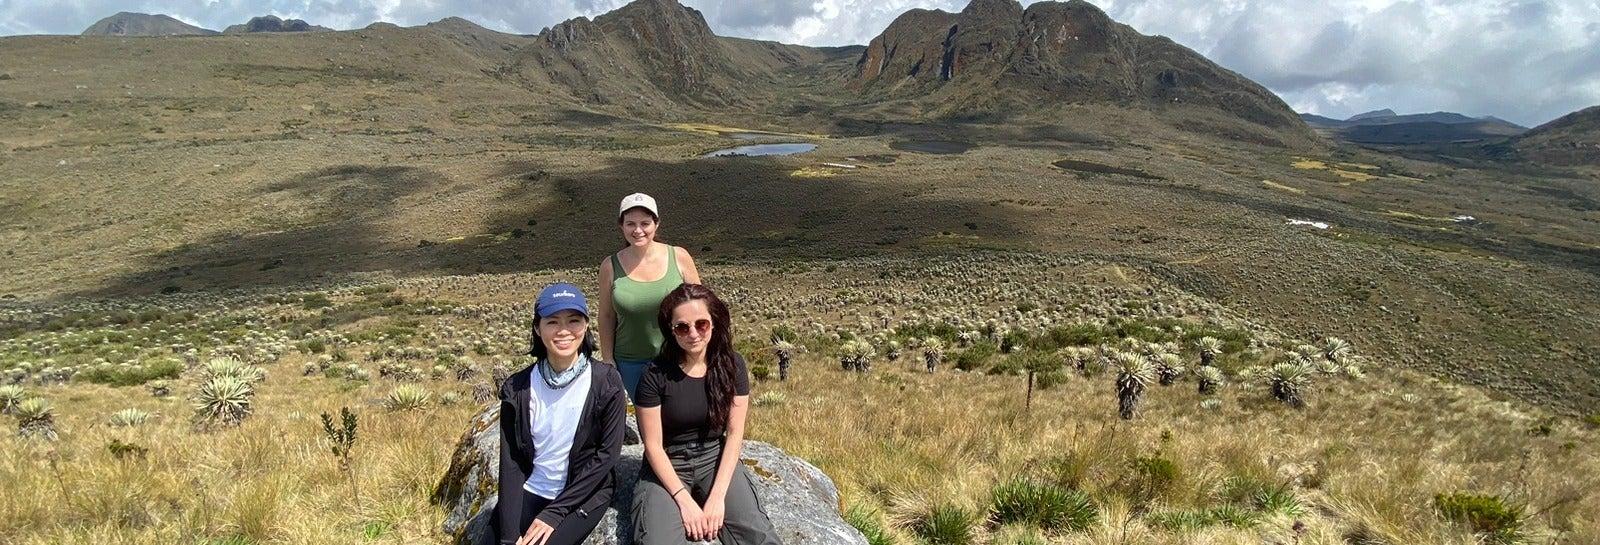 Excursión al Páramo de Sumapaz